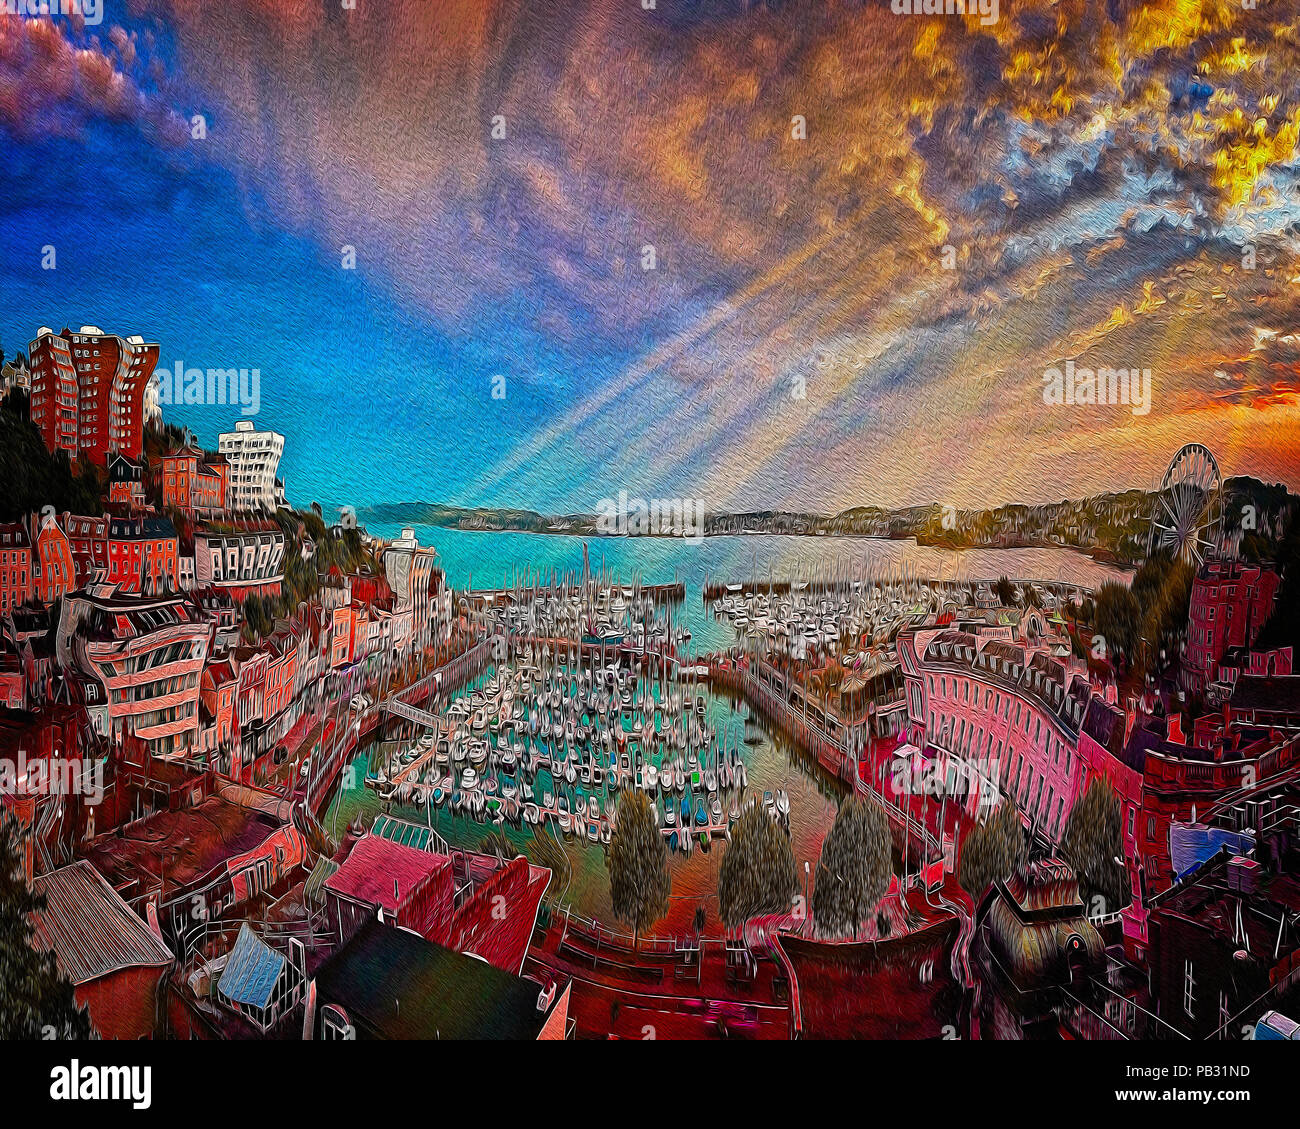 Arte digitale: Torquay harbour & città al tramonto, Devonshire, Gran Bretagna Immagini Stock